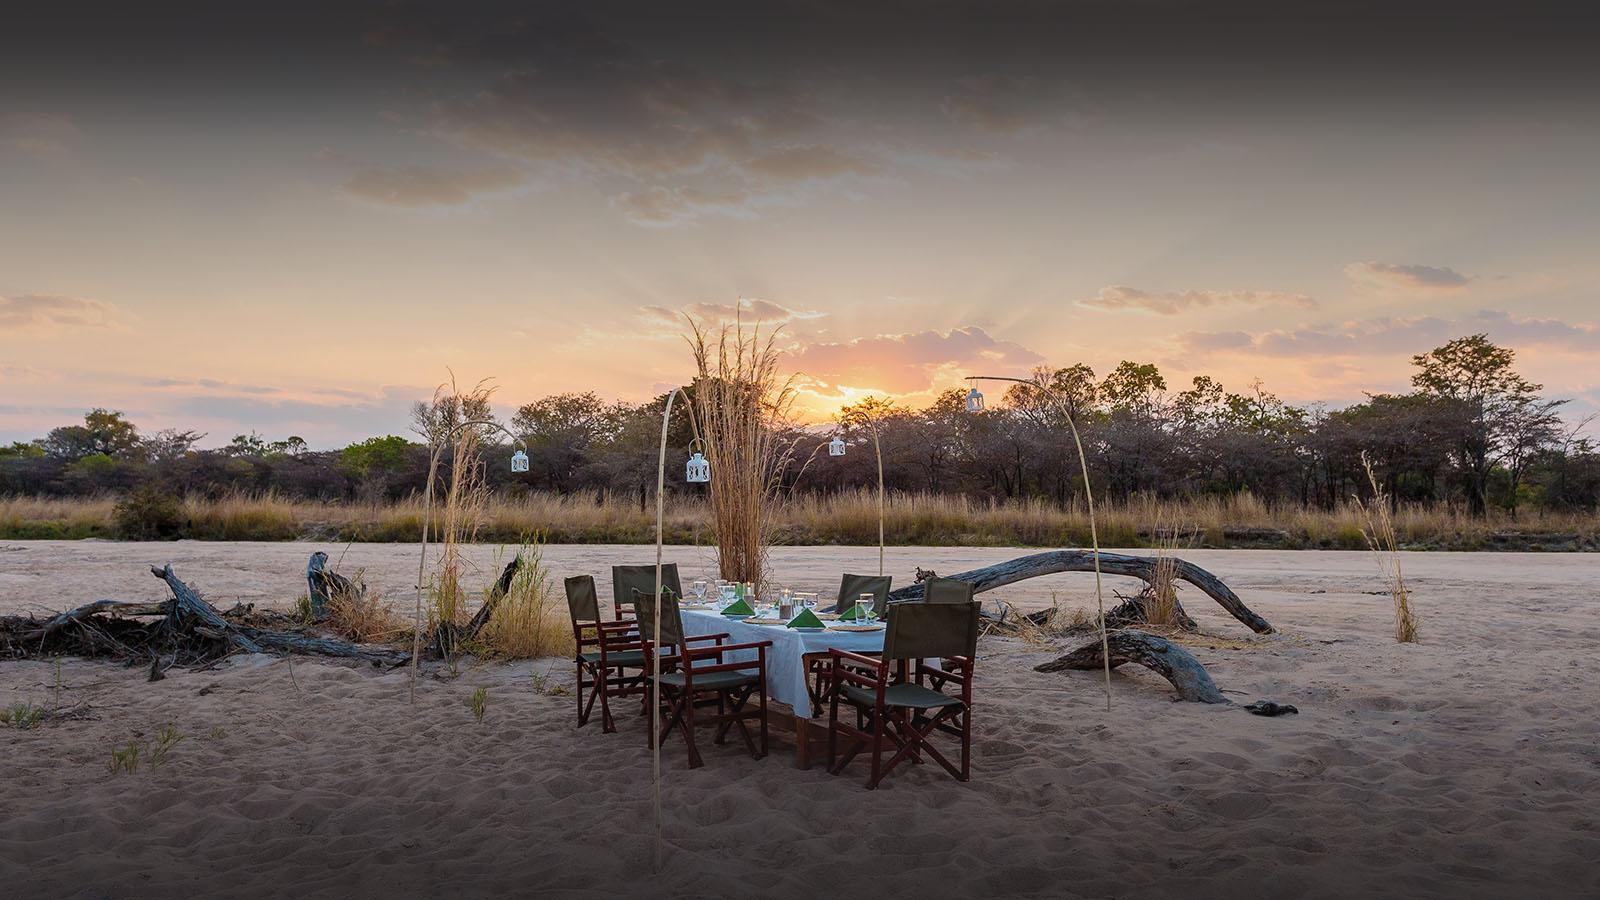 flashpacking-beach-bush-zambia-in-style-safari-packages-tours-nkonzi-campflashpacking-beach-bush-zambia-in-style-safari-packages-tours-nkonzi-camp